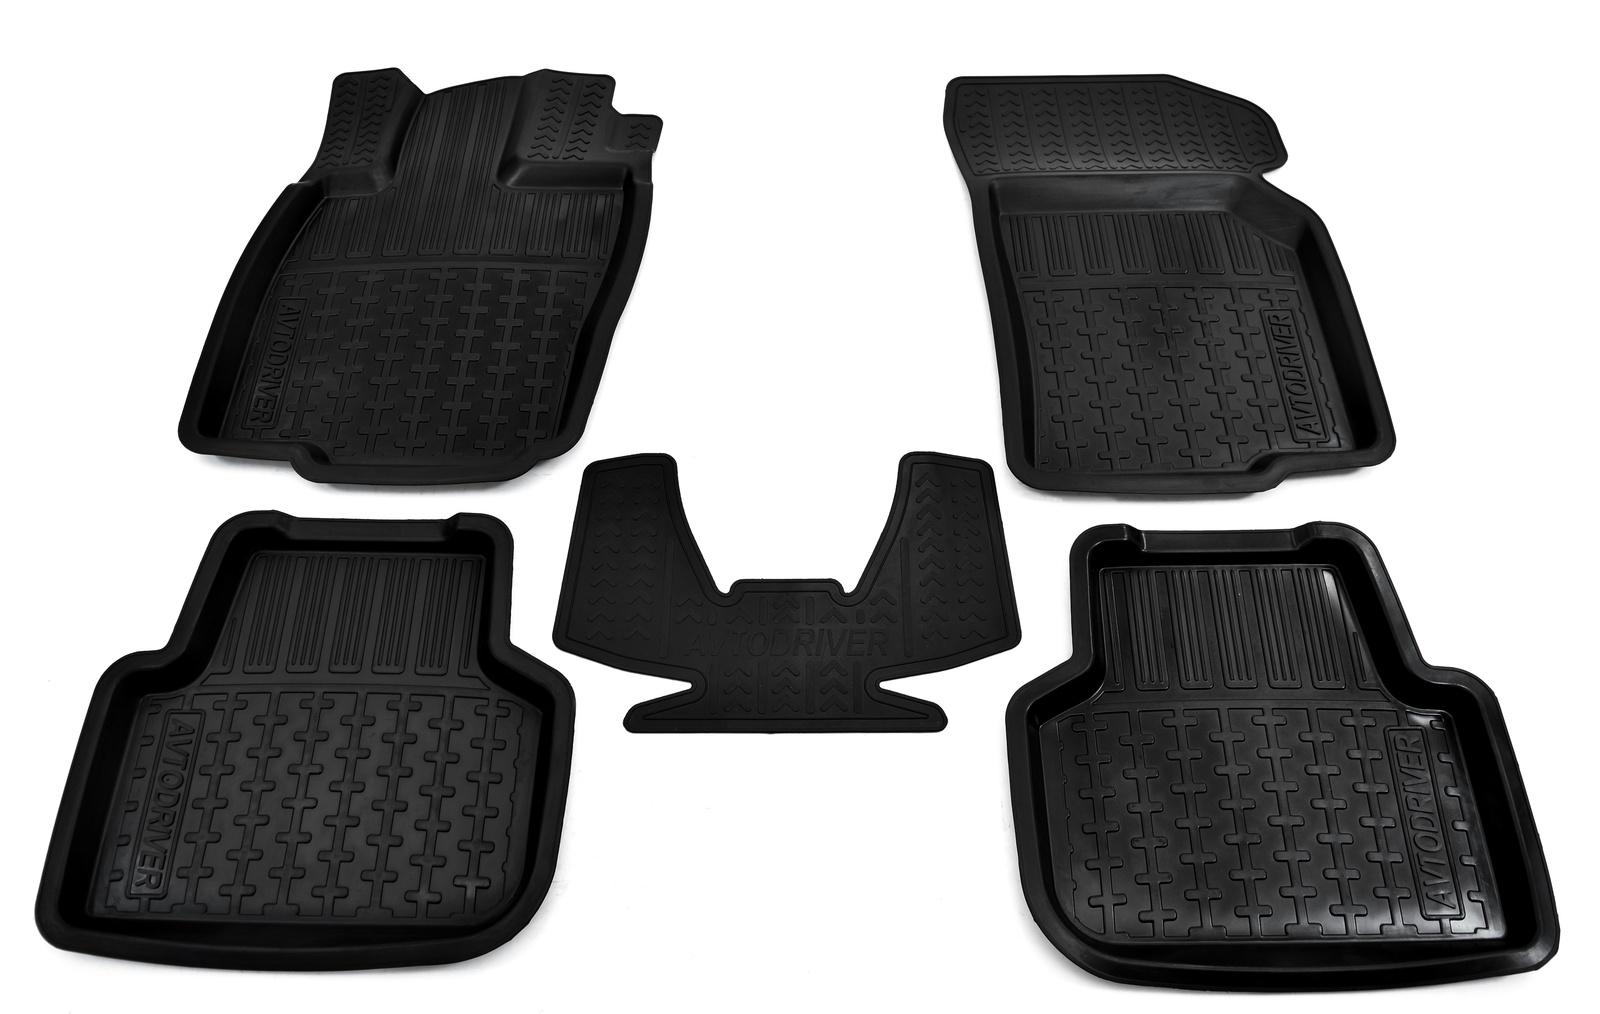 цена на Коврики в салон автомобиля Avtodriver, для Volkswagen Golf, 2013-, ADRPRO014, резиновые, с бортиком, черный